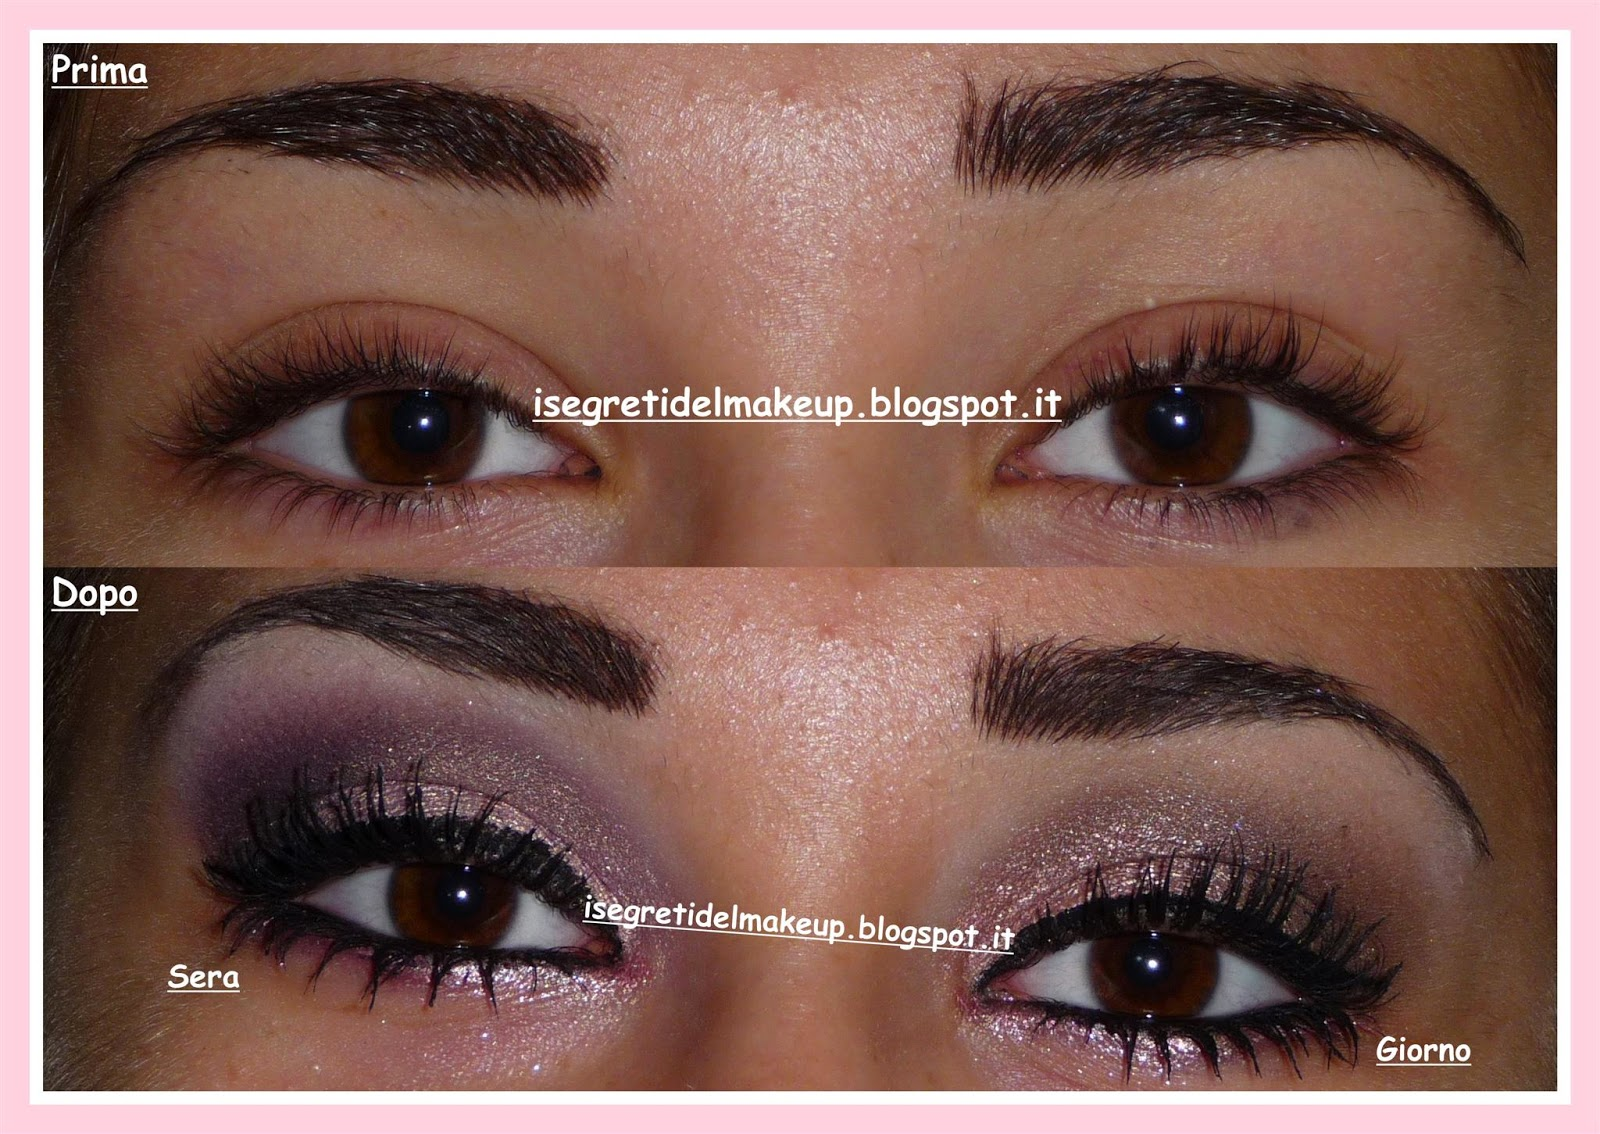 Exceptionnel I segreti del make up: [Tutorial, review] Il mio trucco preferito  DA74